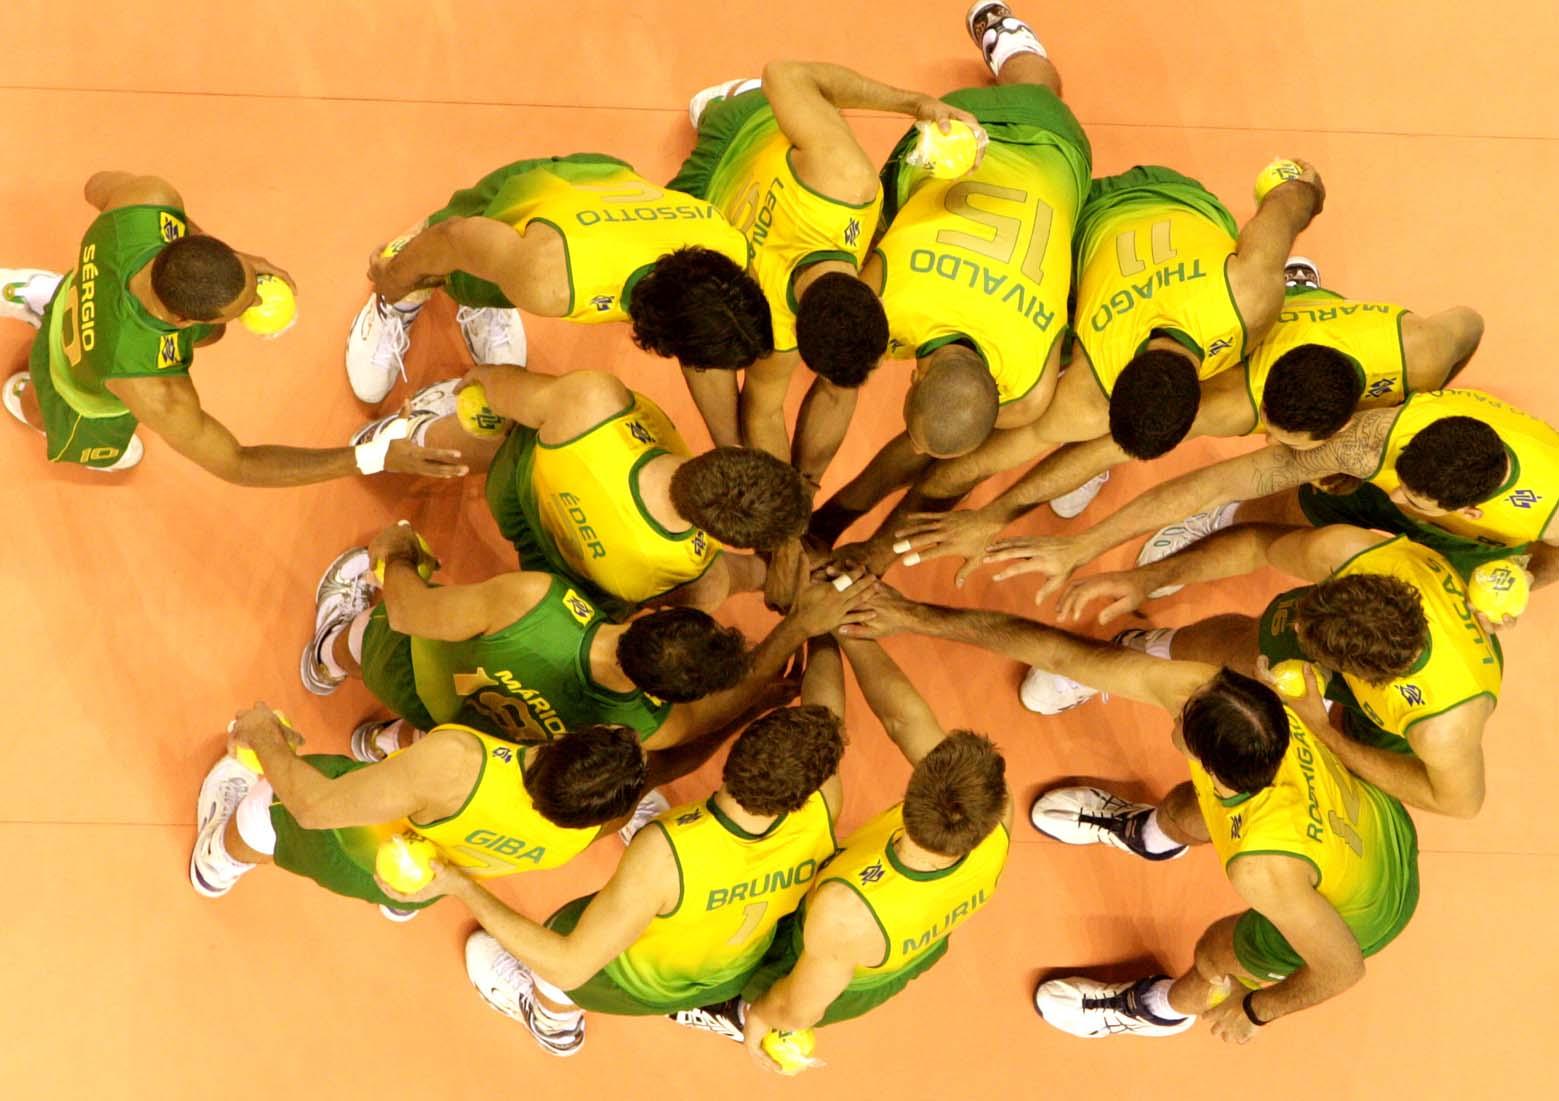 Reina a confusão no vôlei brasileiro